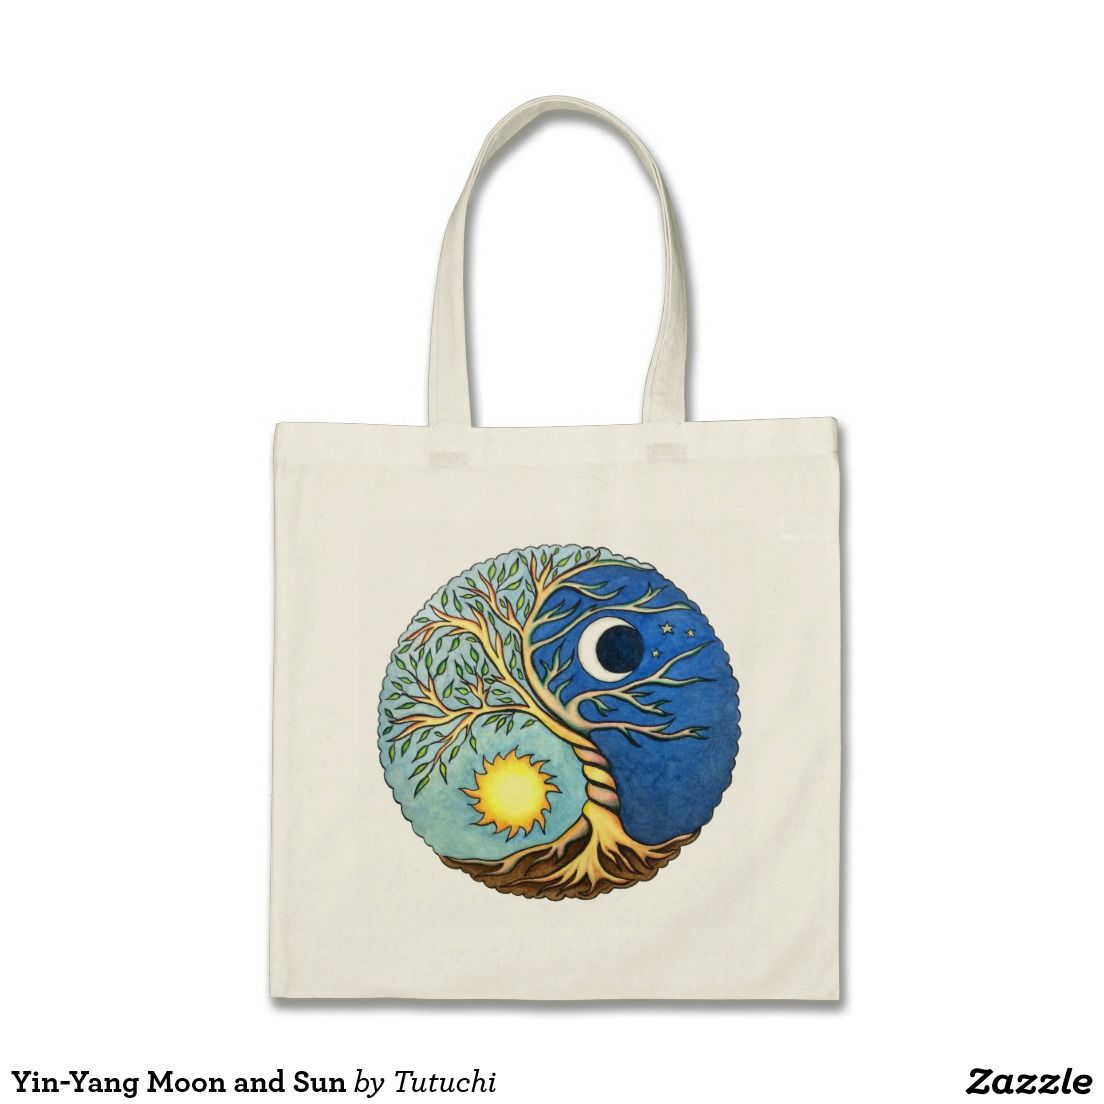 046c02047 Yin-Yang Moon and Sun Bolsa Tela Barata | Tutuchi's handicrafts ...